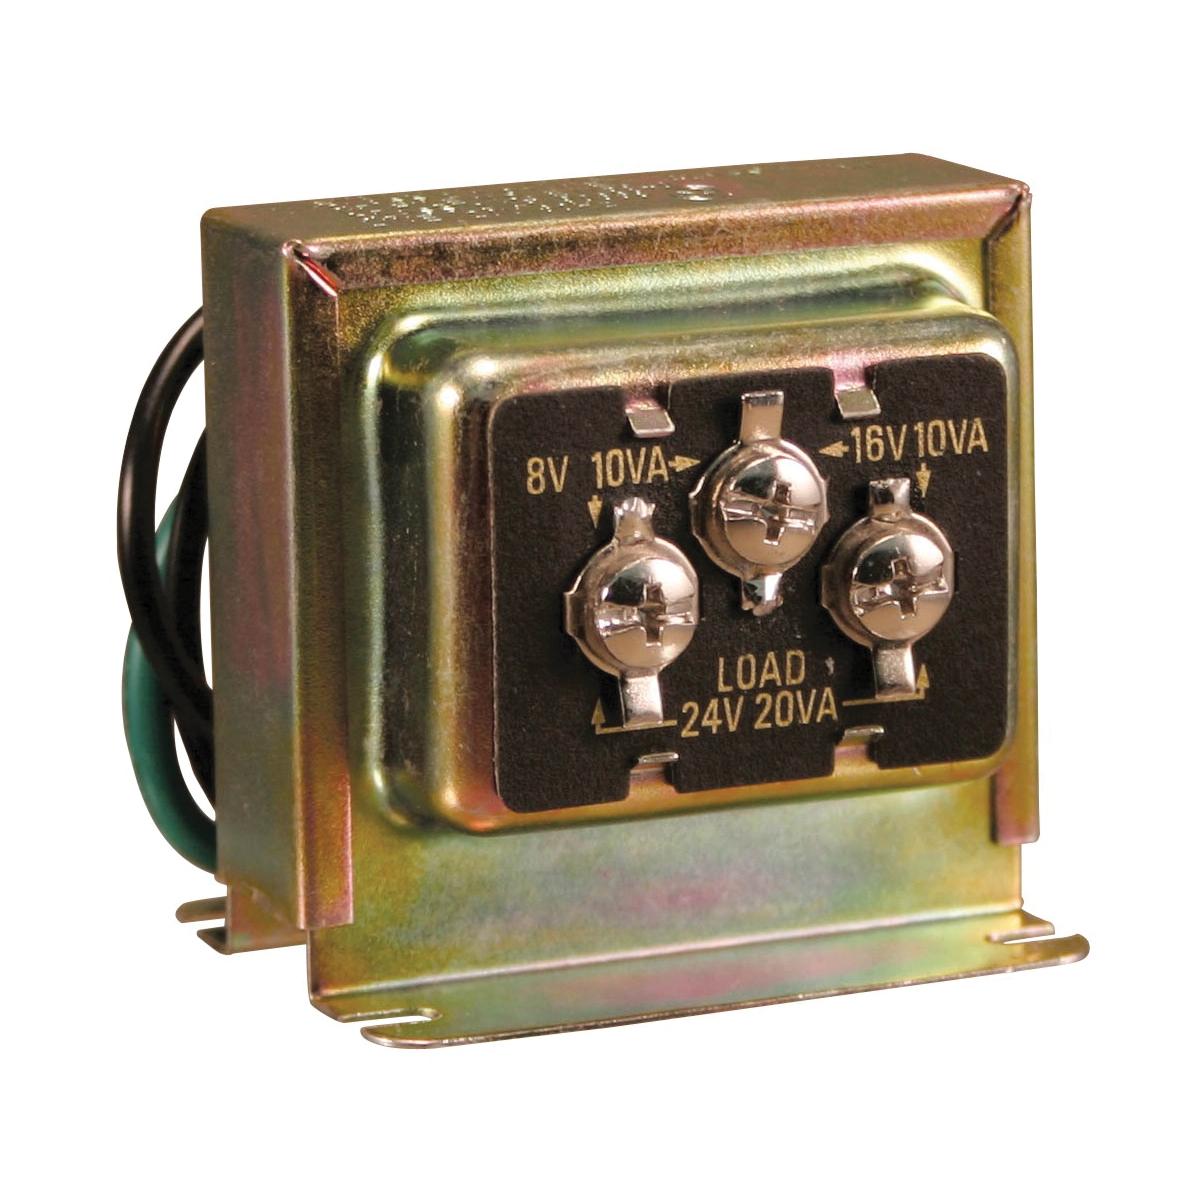 Picture of Heath Zenith SL-125-02 Doorbell Transformer, 10 to 20 VA